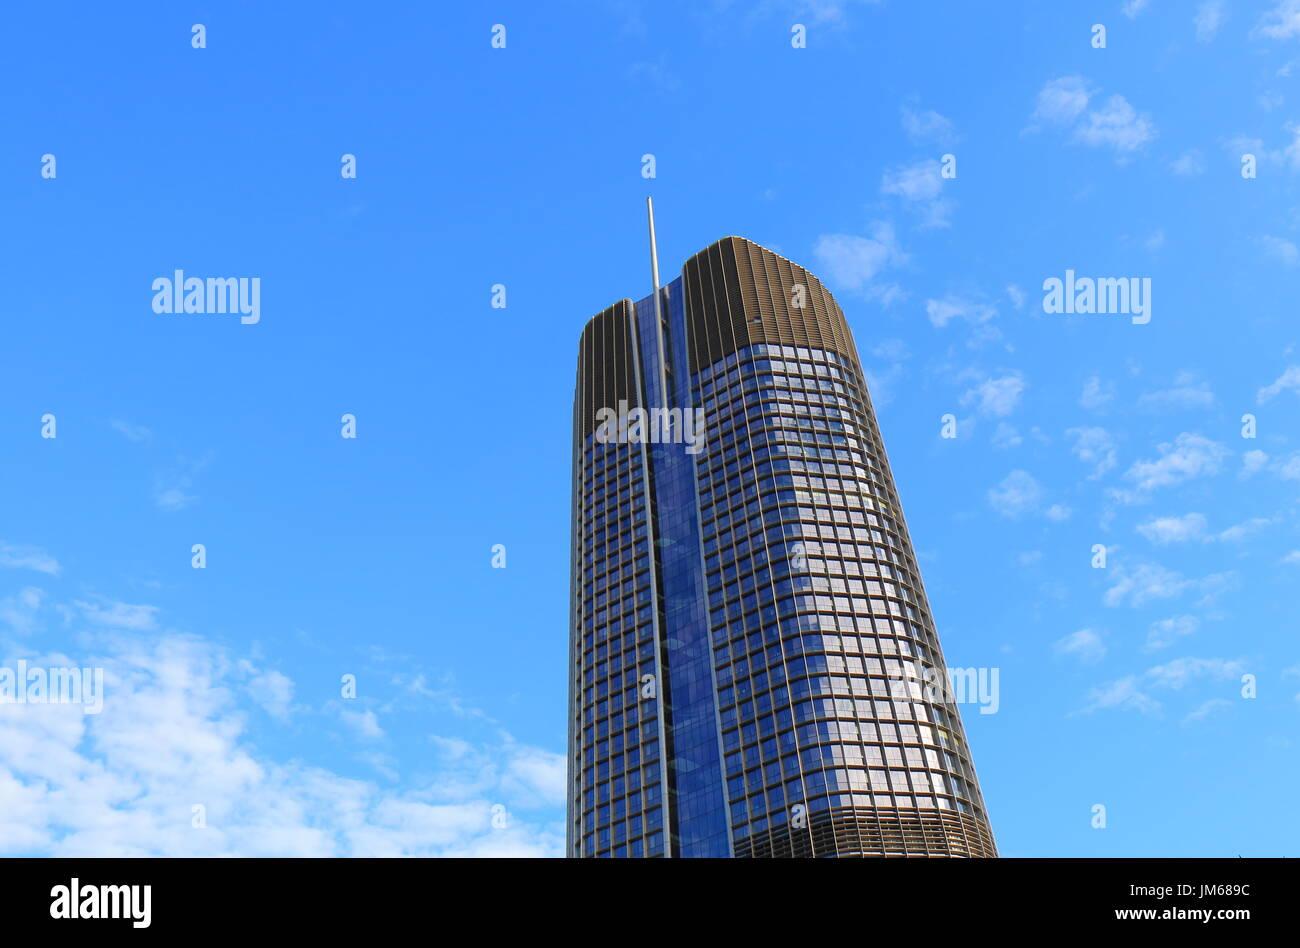 1 William Skyscraper office building Brisbane Australia. 1 William is the tallest building in Brisbane. - Stock Image